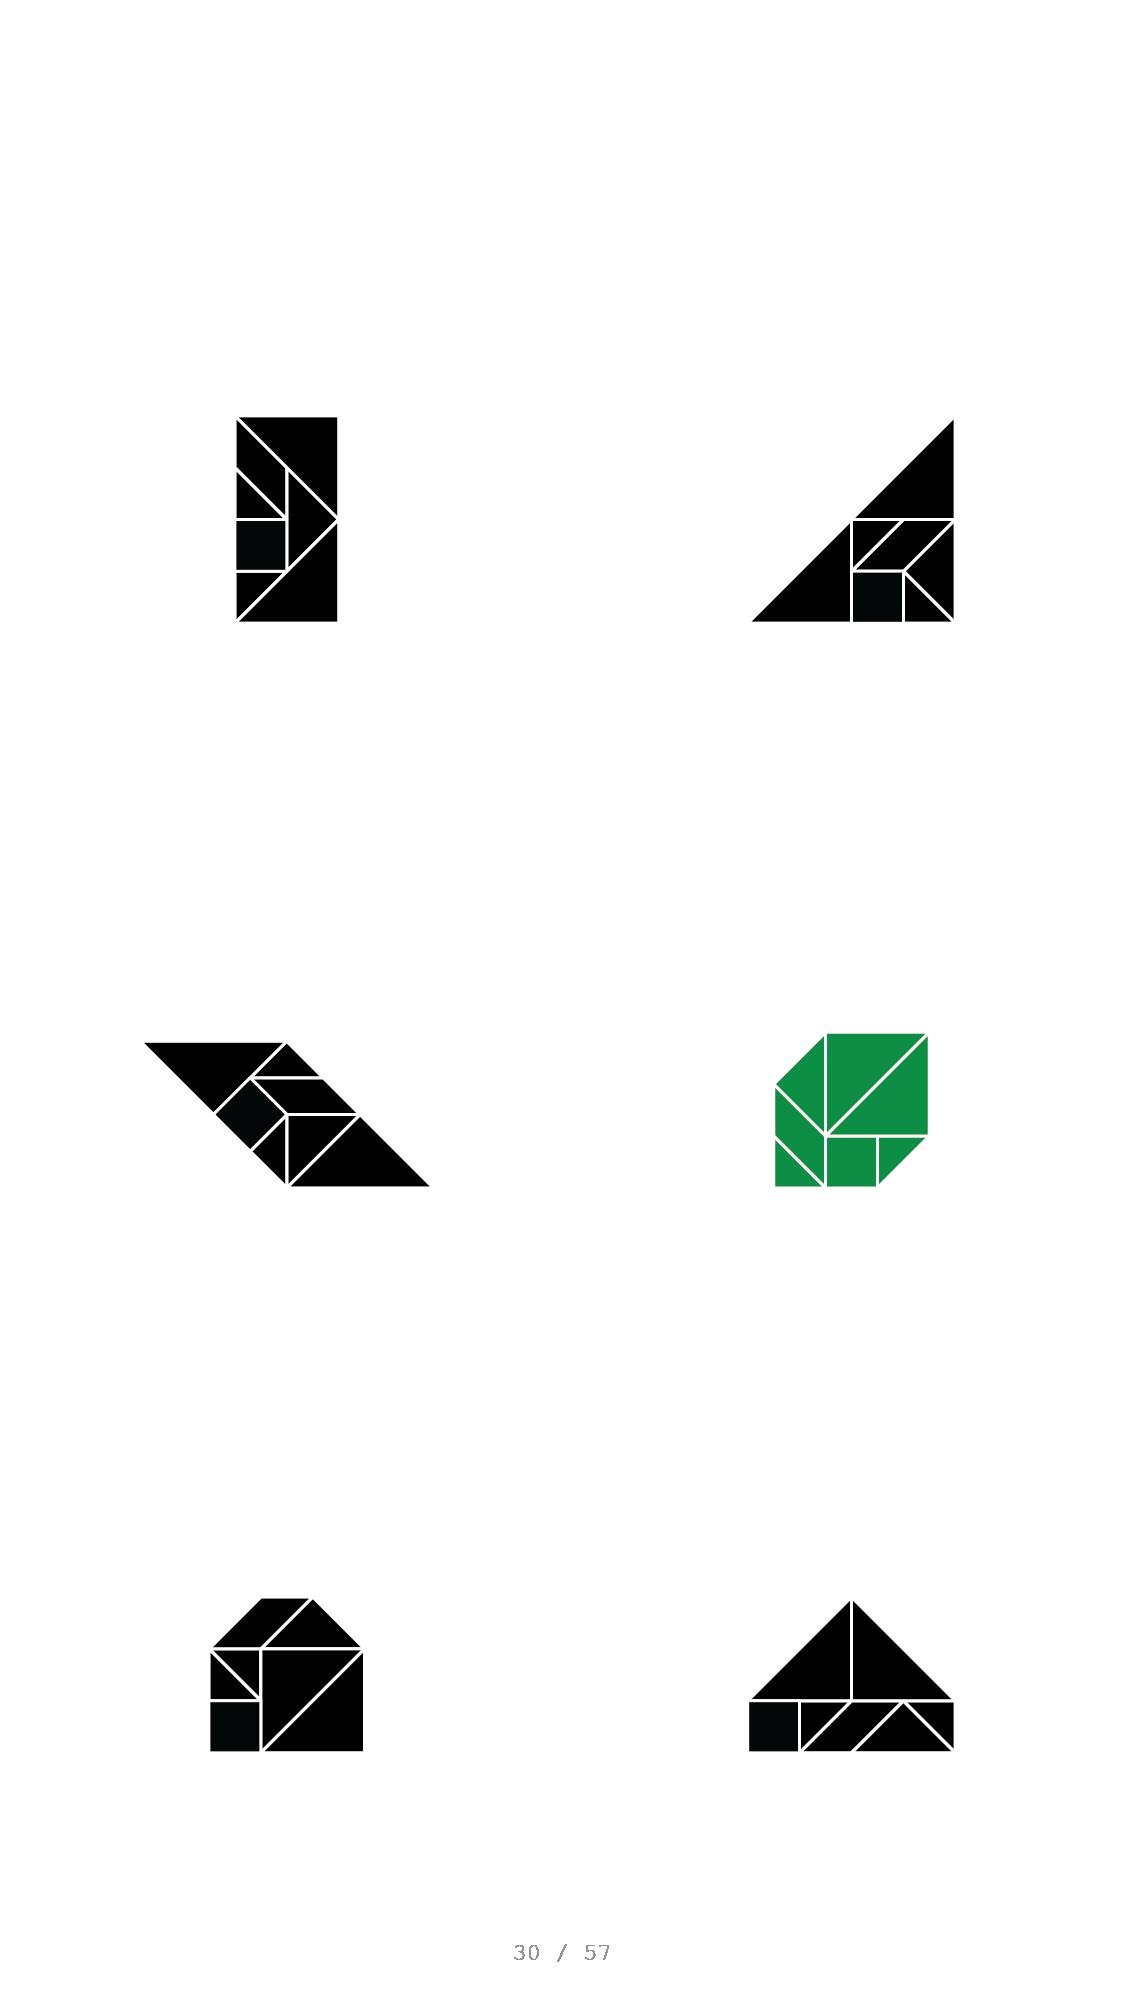 Tangram_Layout_2x3_schwarz-30